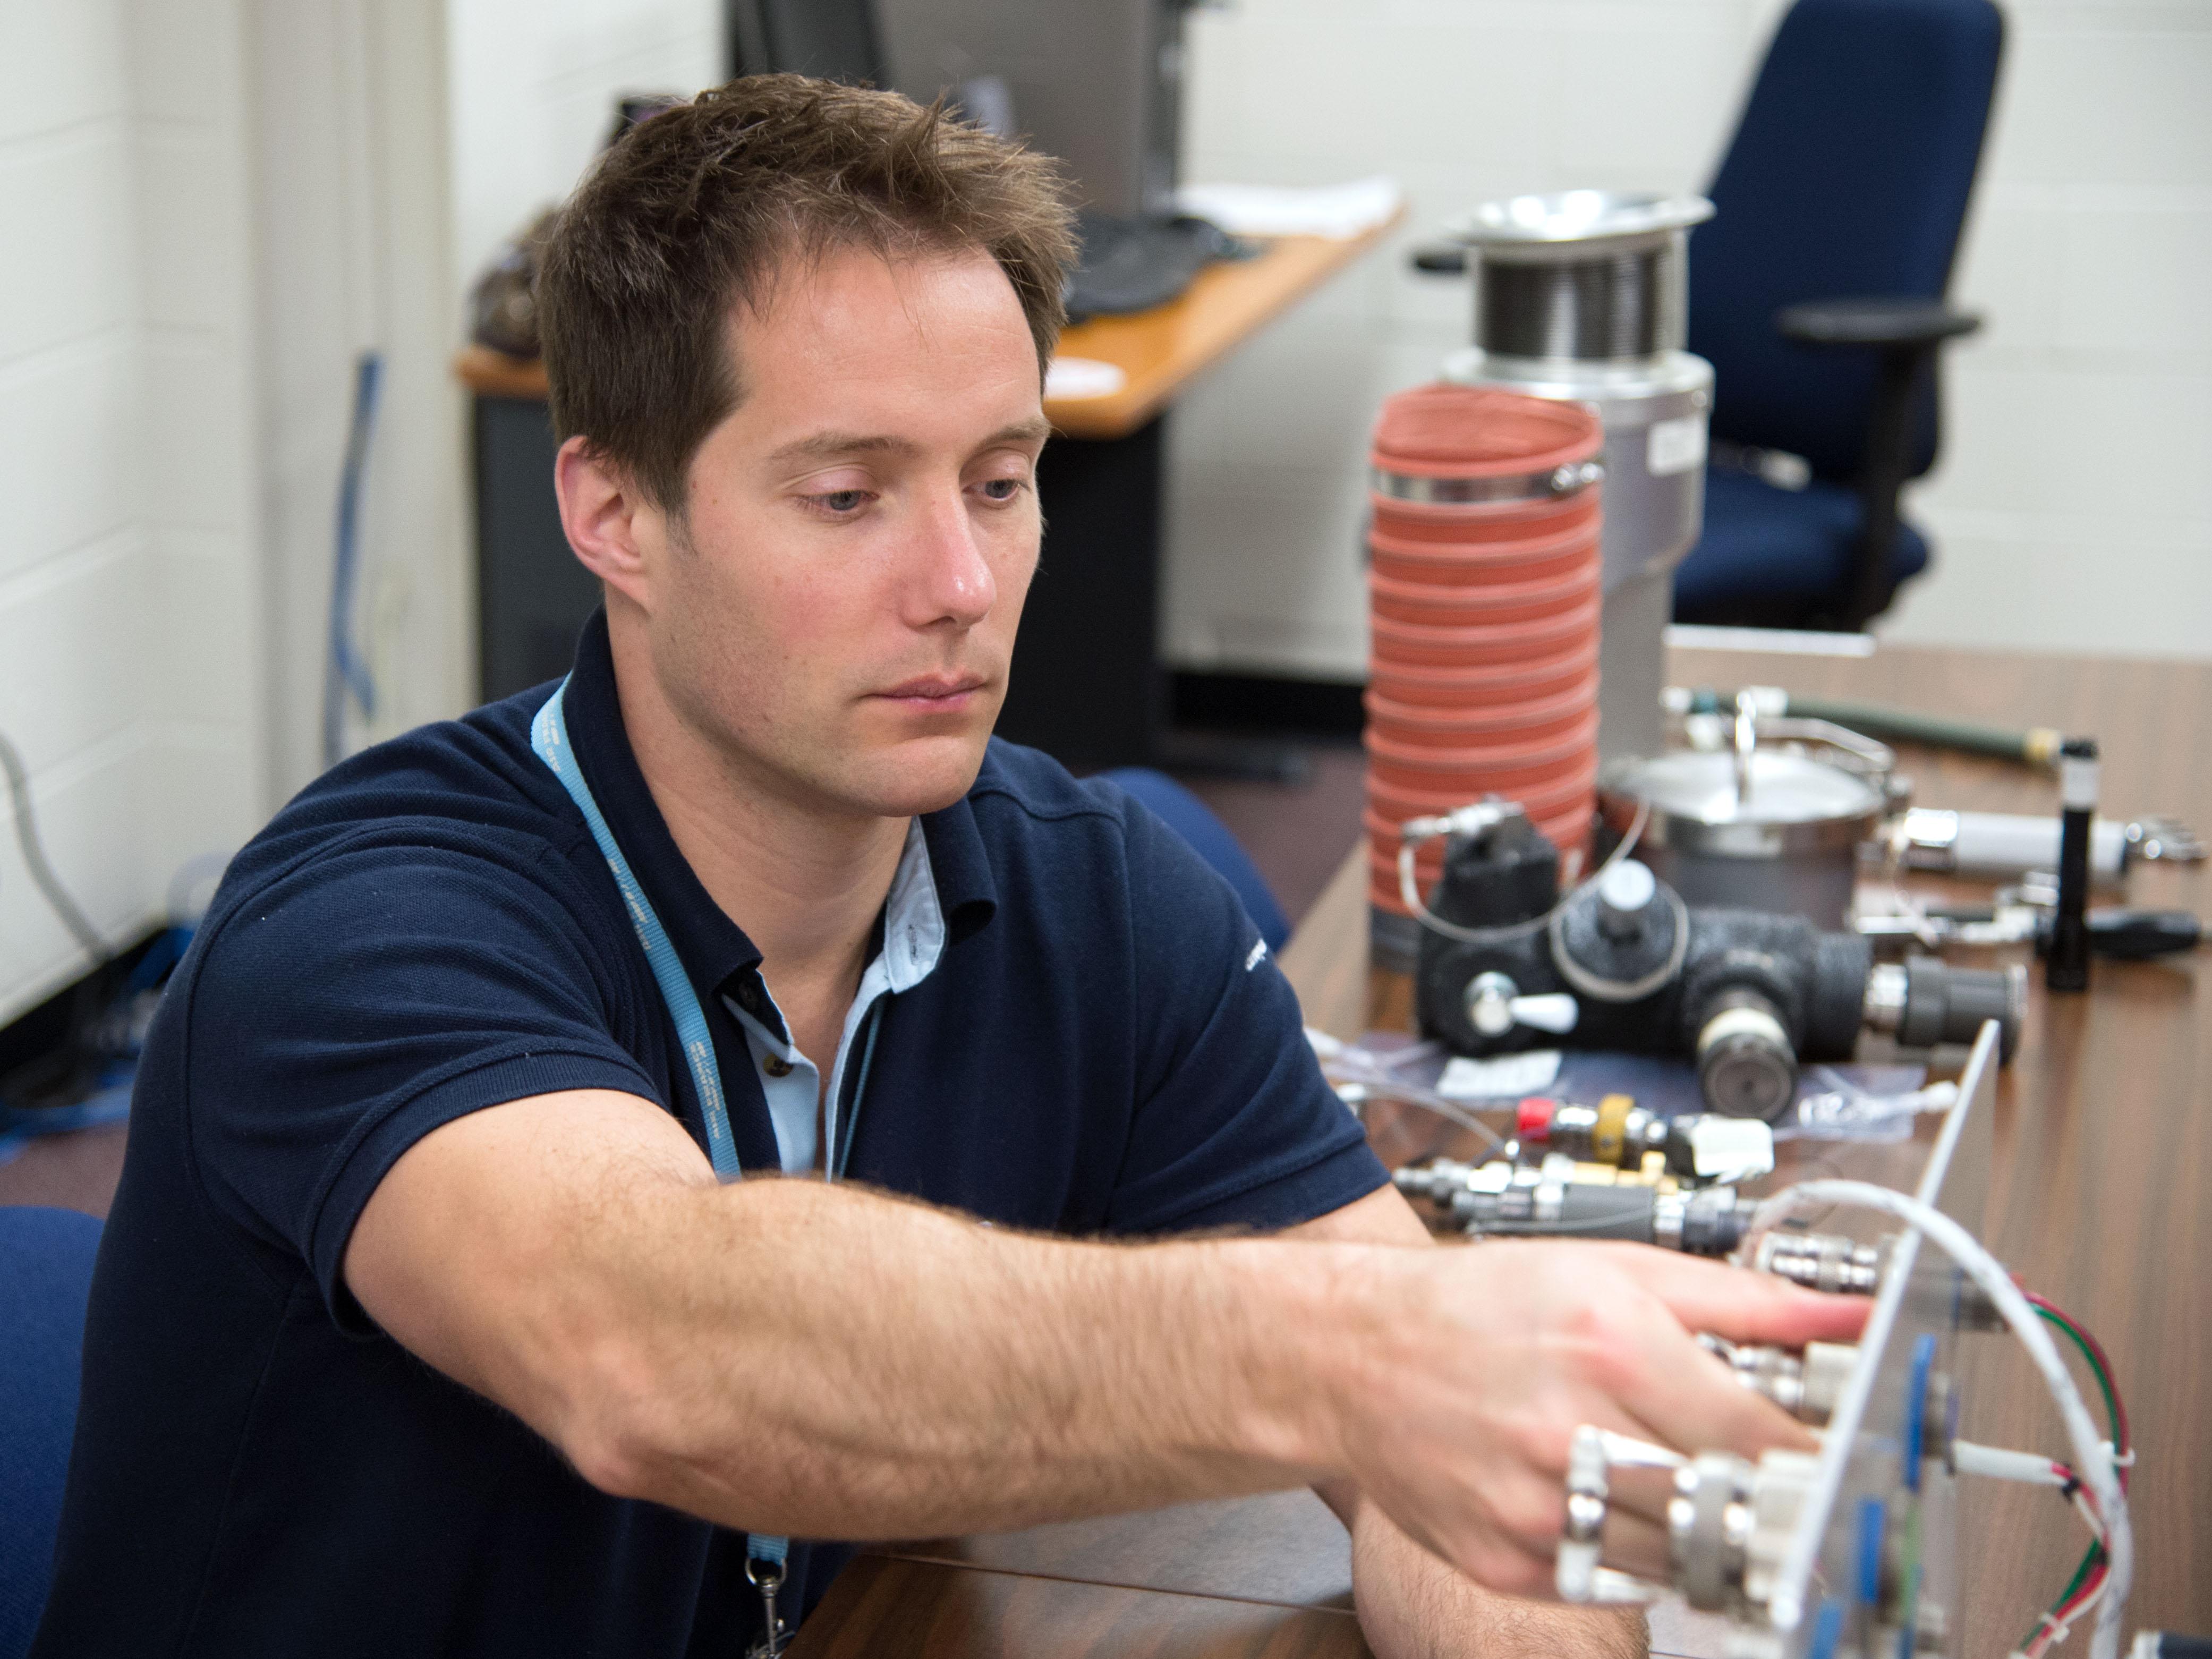 Manareva, un conte polynésien dans l'espace est soutenu par l'astronaute français Thomas Pesquet qui va s'envoler en novembre prochain vers la station spatiale internationale (ISS)